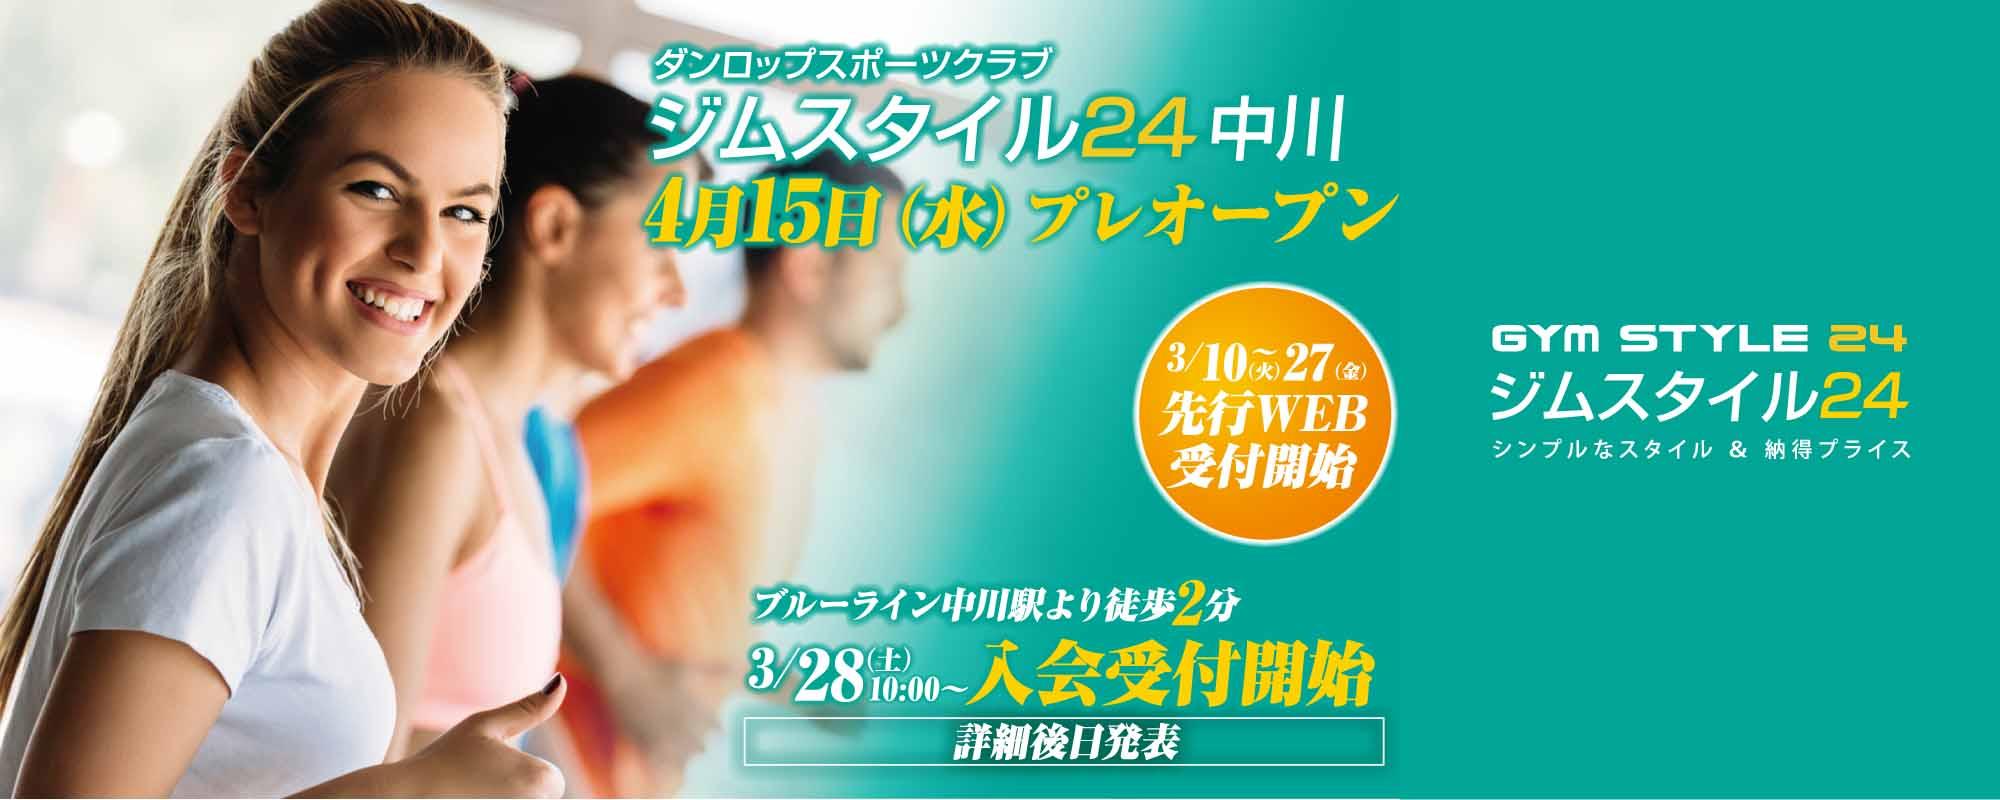 24時間フィットネスのジムスタイル24がいよいよ横浜市都筑区中川にオープンします。中川駅徒歩2分